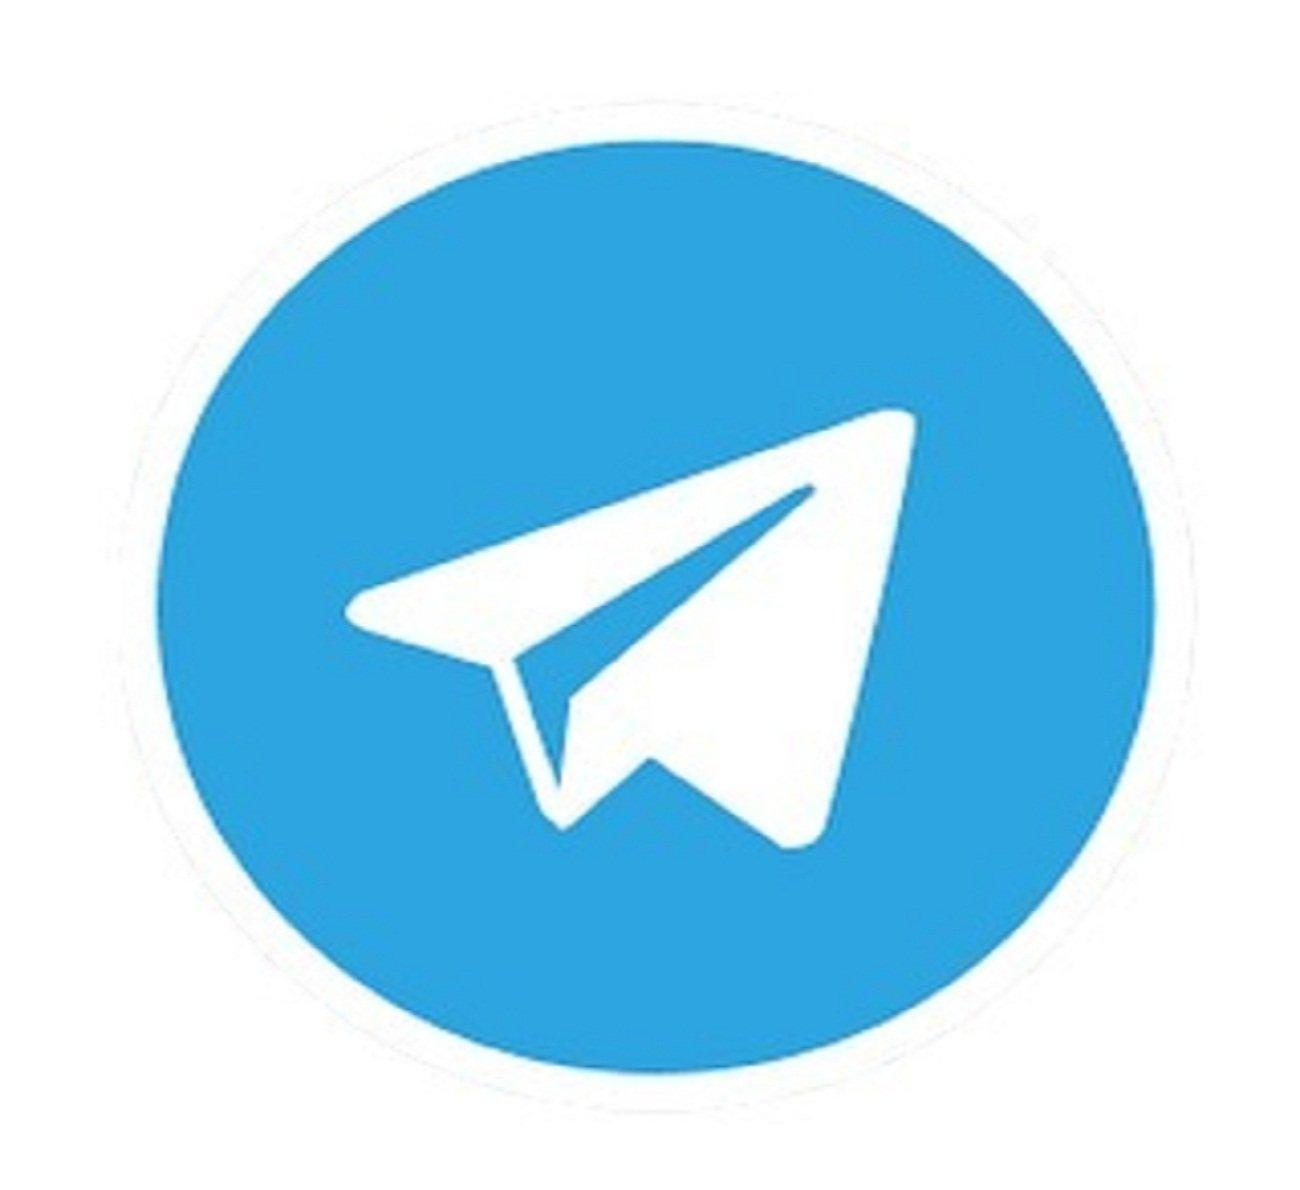 Десктопная версия Telegram незашифровывает переписку